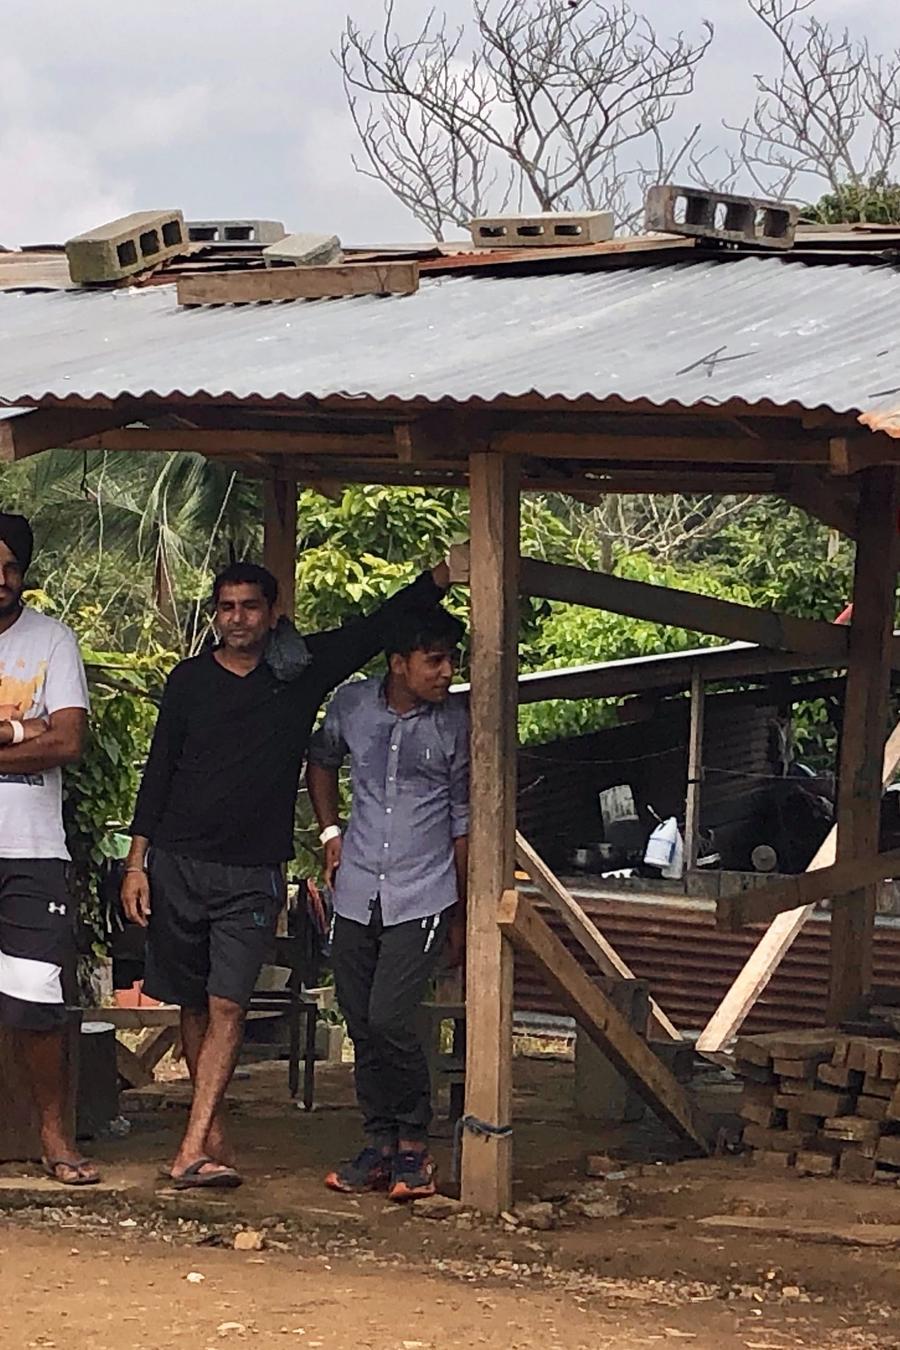 Migrantes de Asia, Africa y Medio Oriente pasan por el albergue La Peñita, aunque su intención es continuar su rumbo hacia EEUU